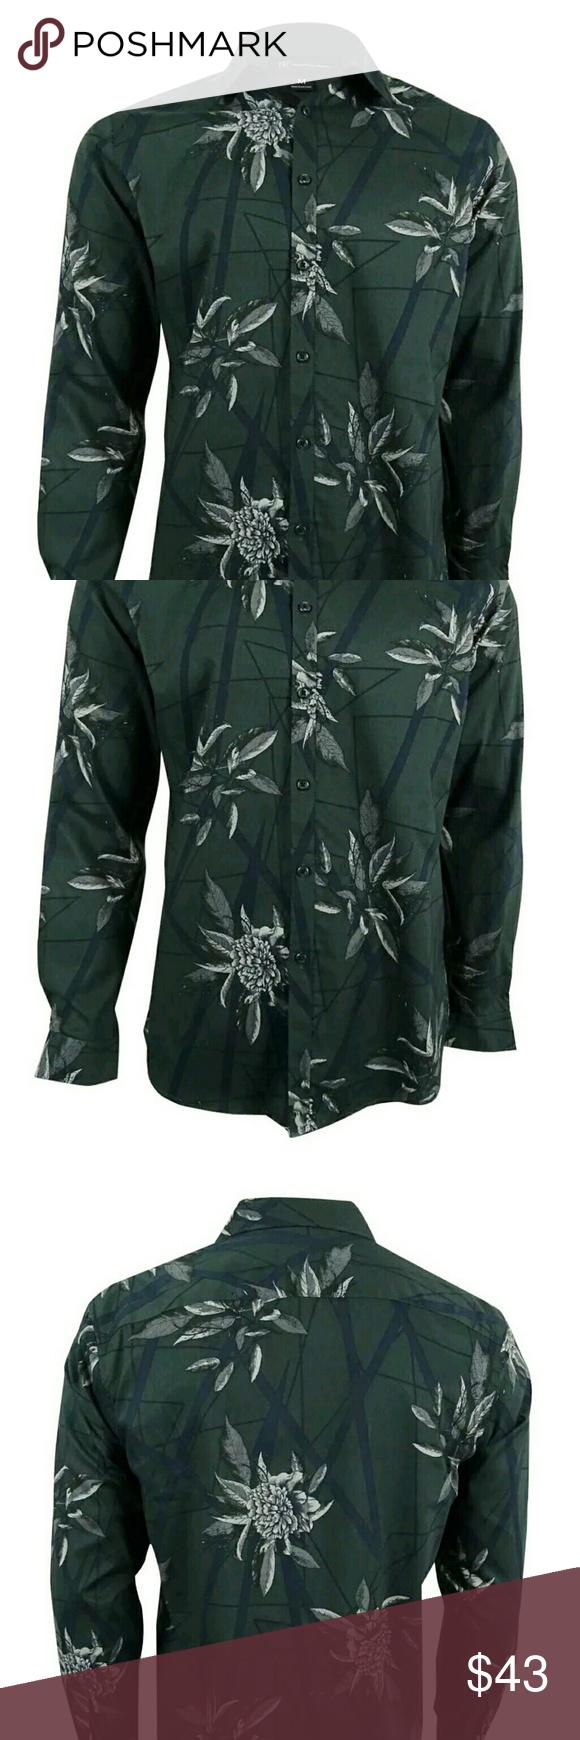 Dark green dress shirt  Nwt INC international dress shirt button down xl Boutique  Dress